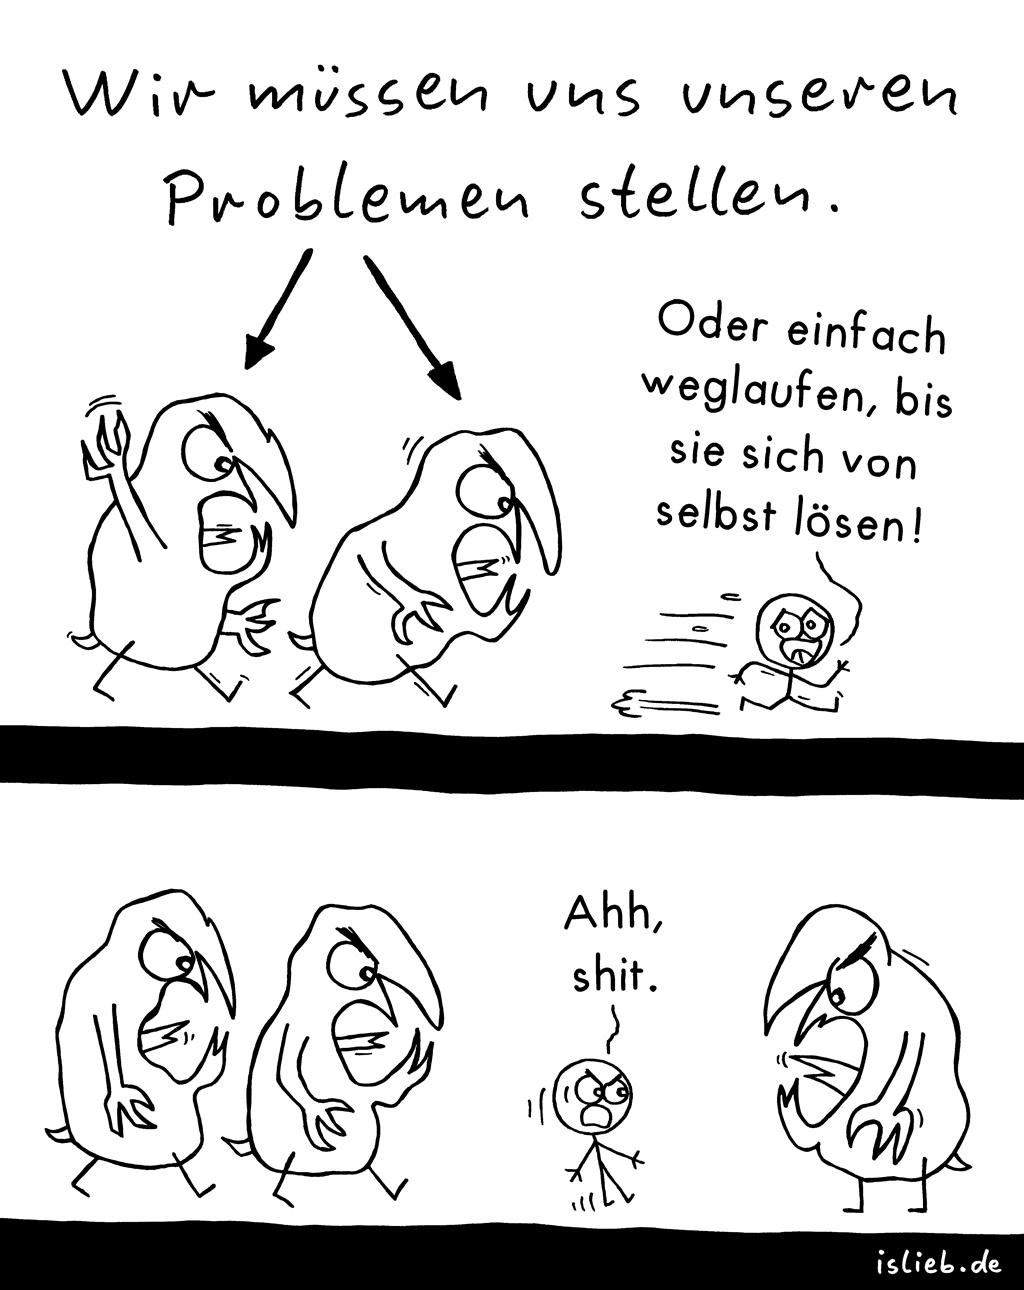 Probleme lösen | Strichmännchen-Comic | is lieb? | Wir müssen uns unseren Problemen stellen. Oder einfach weglaufen, bis sie sich von selbst lösen. Ahh, shit.